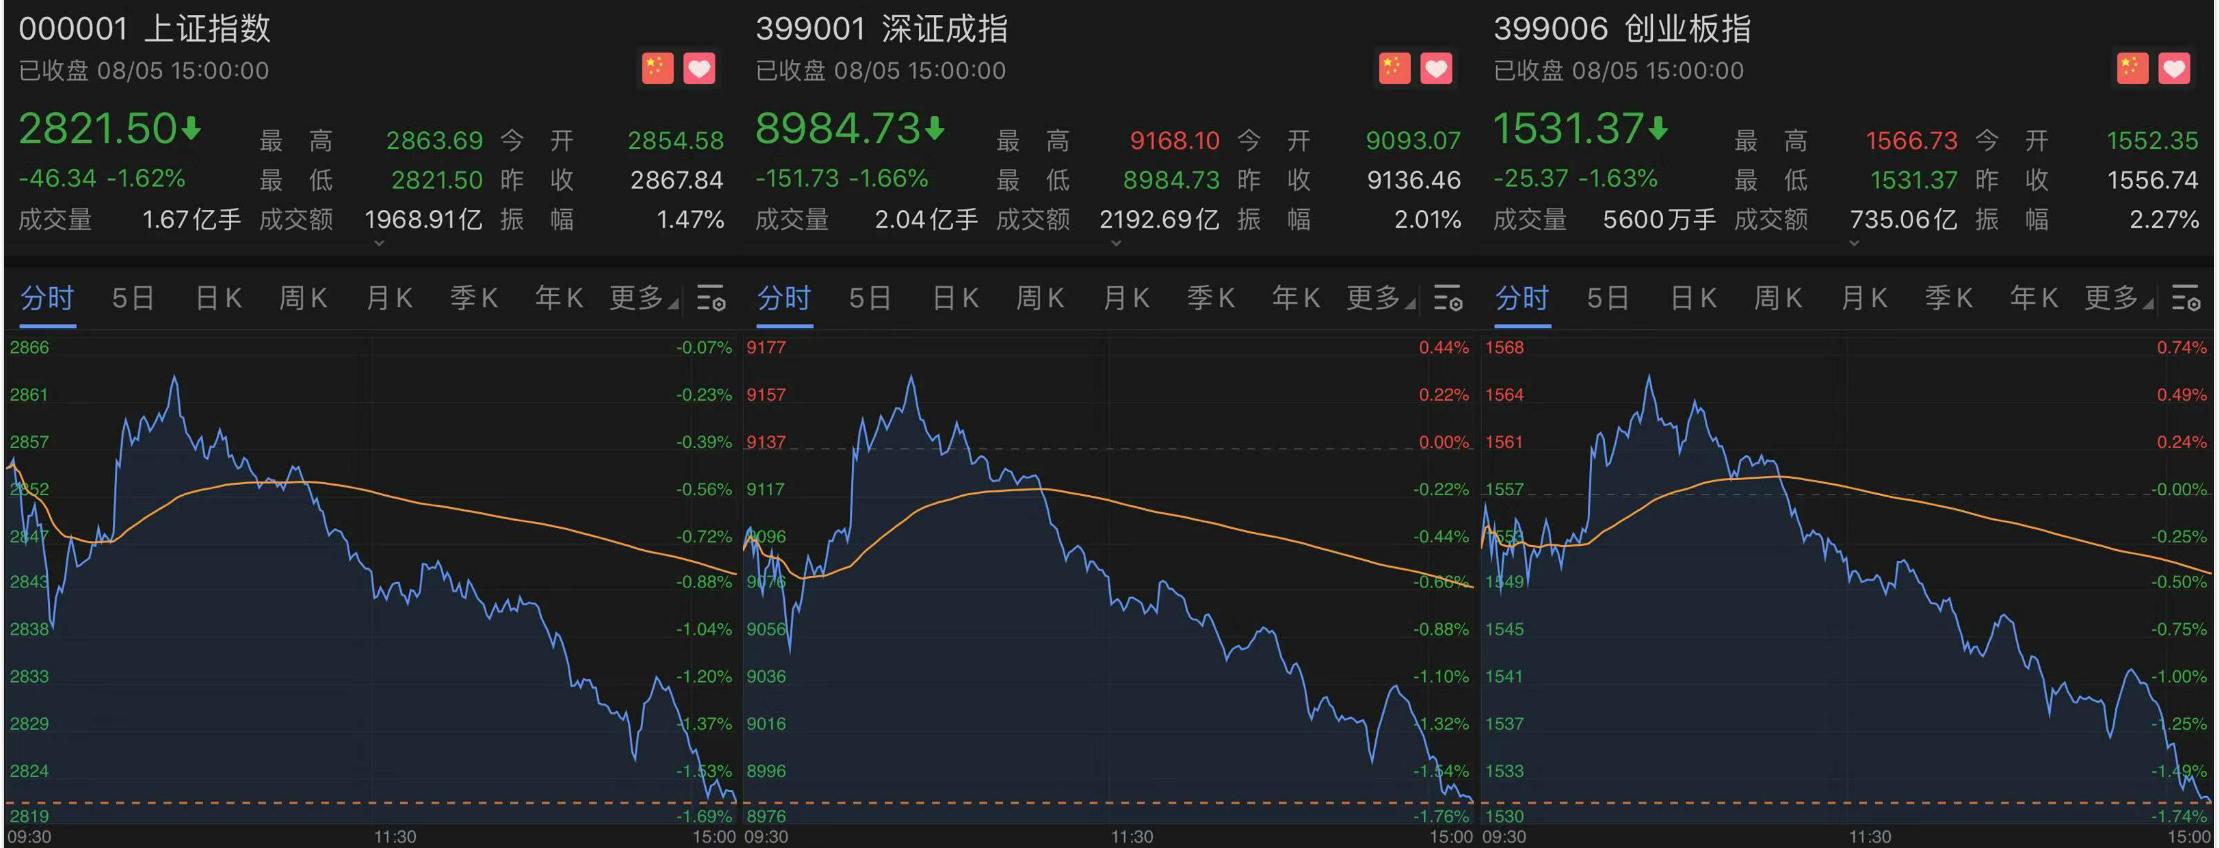 """人民币对美元汇率""""破7"""",亚洲股市集体飘绿"""